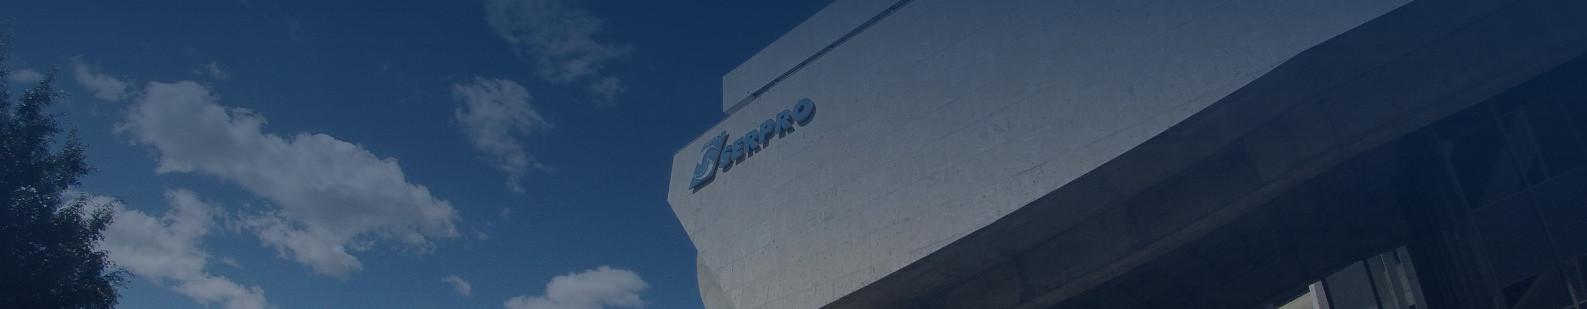 http://serpro.gov.br/menu/quem-somos/visite-o-serpro